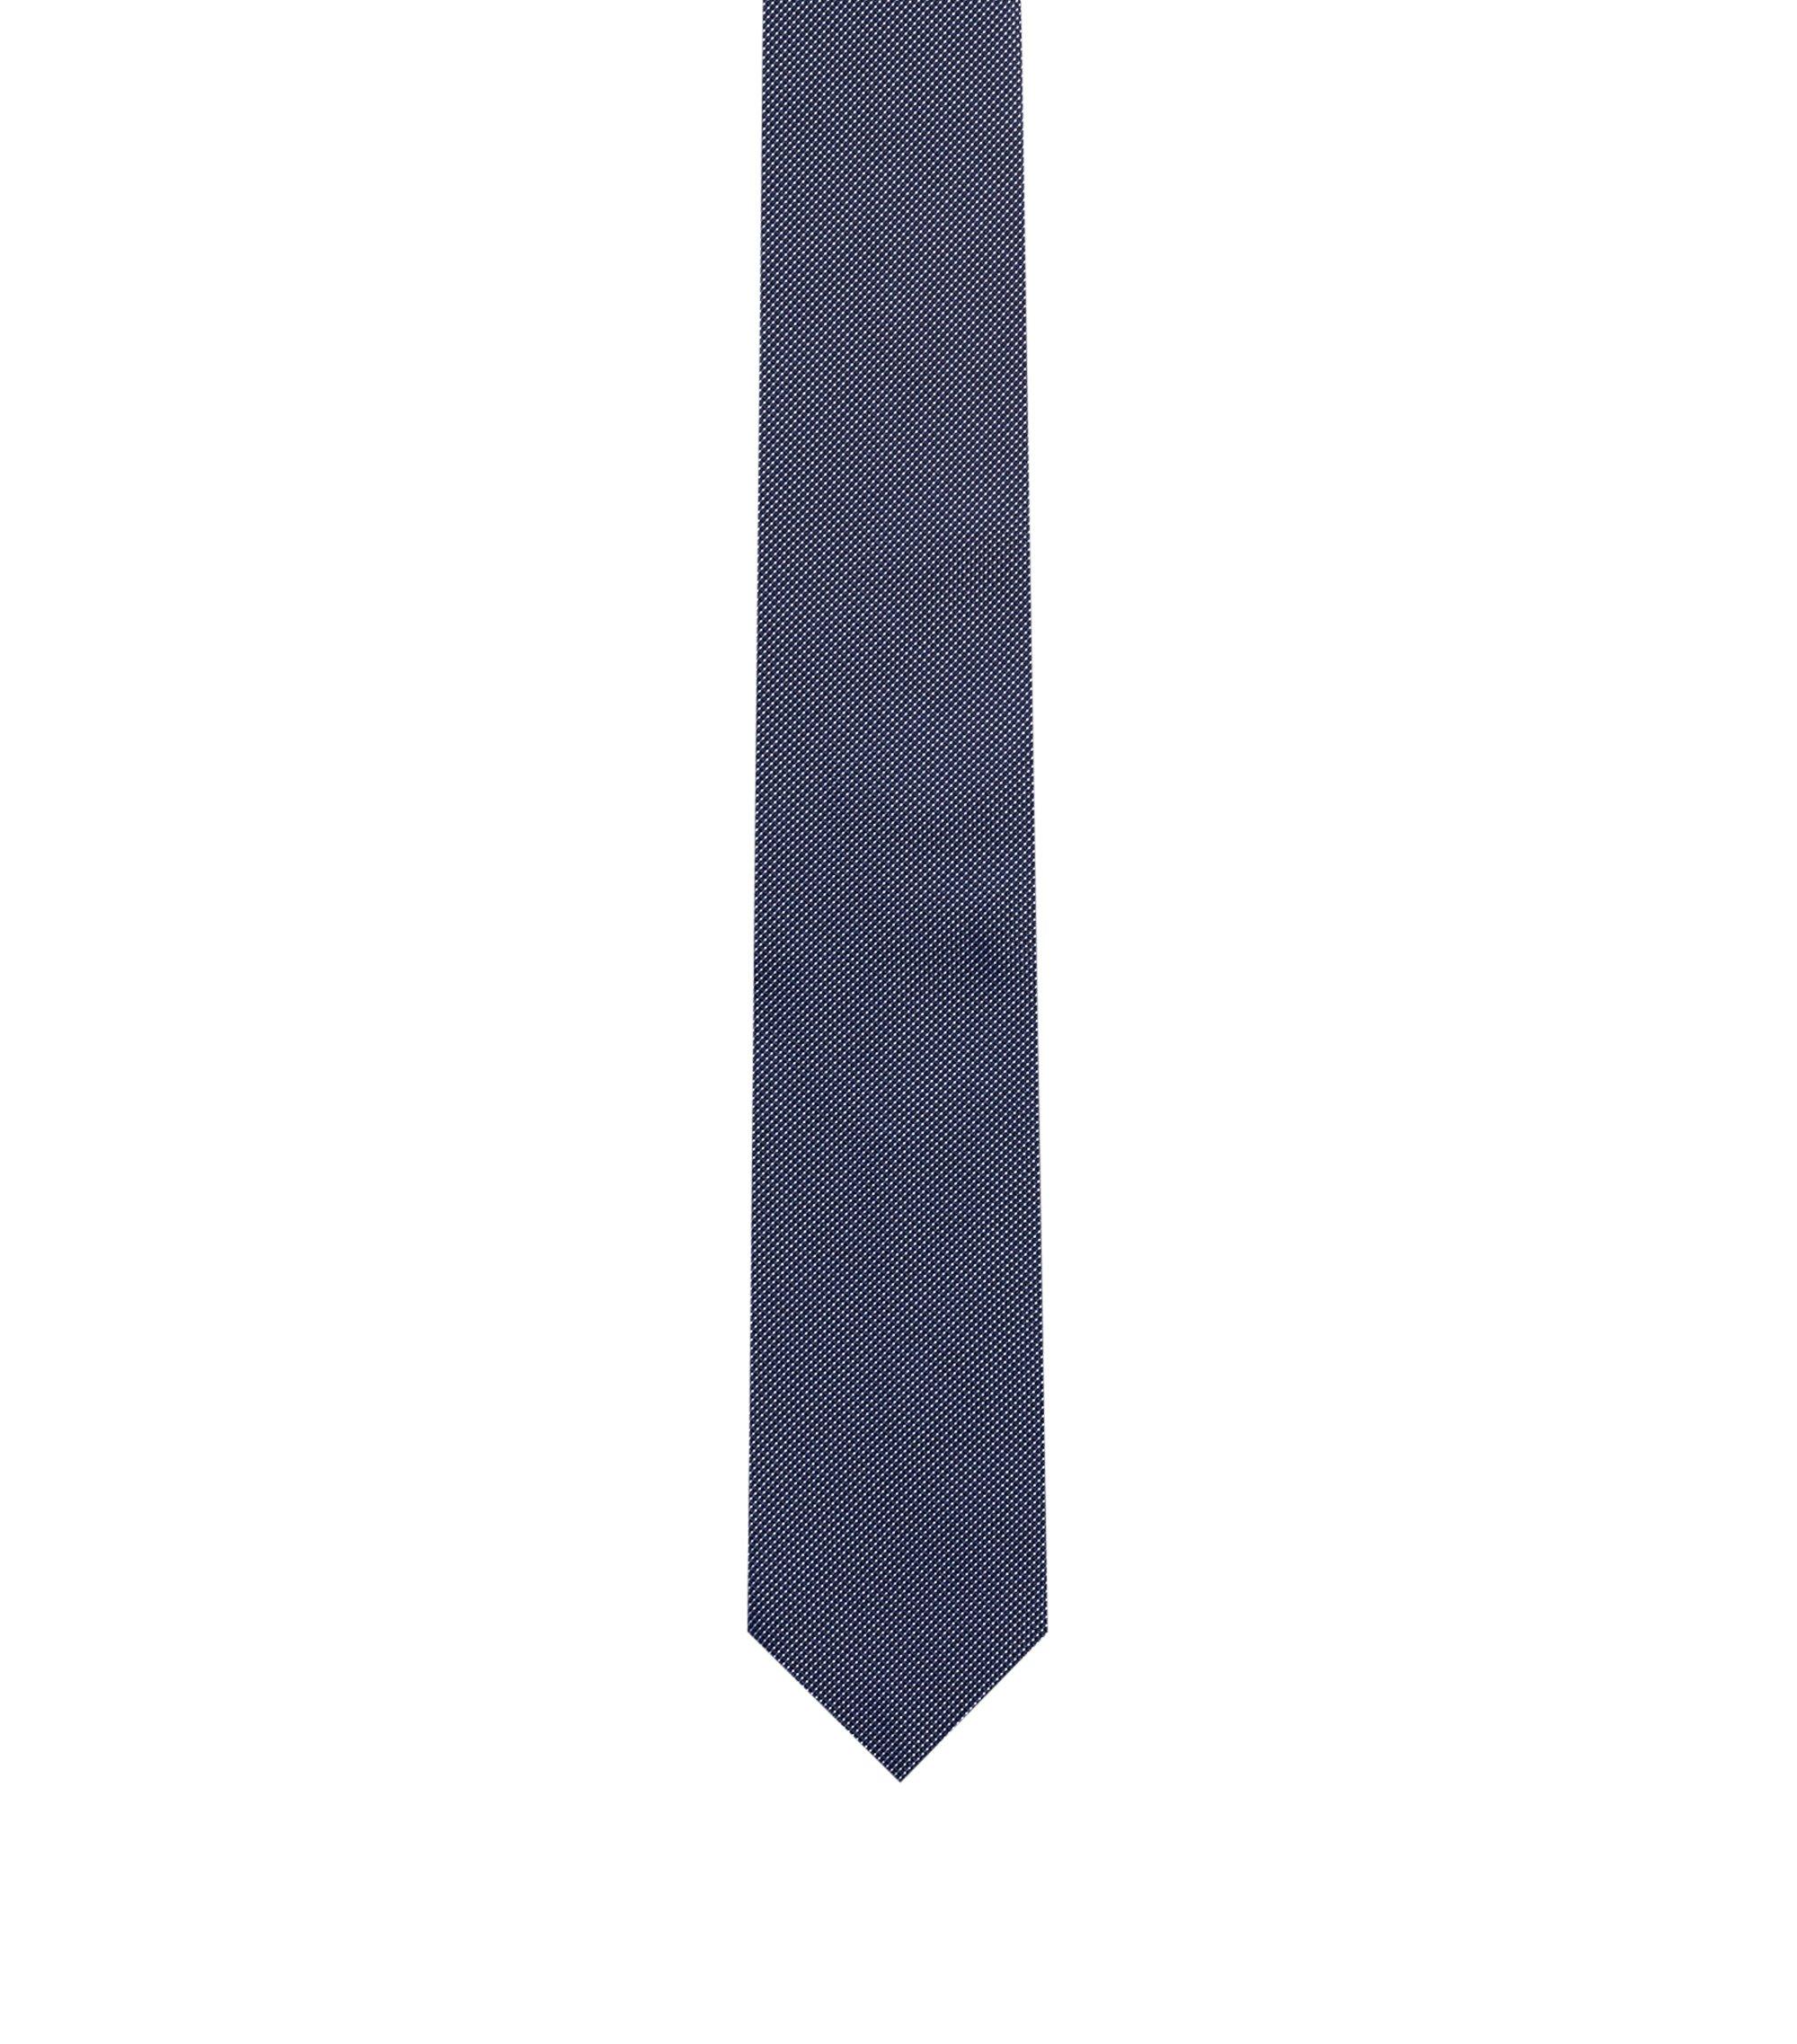 Krawatte aus Seiden-Jacquard mit dezentem Punkte-Muster, Dunkelblau